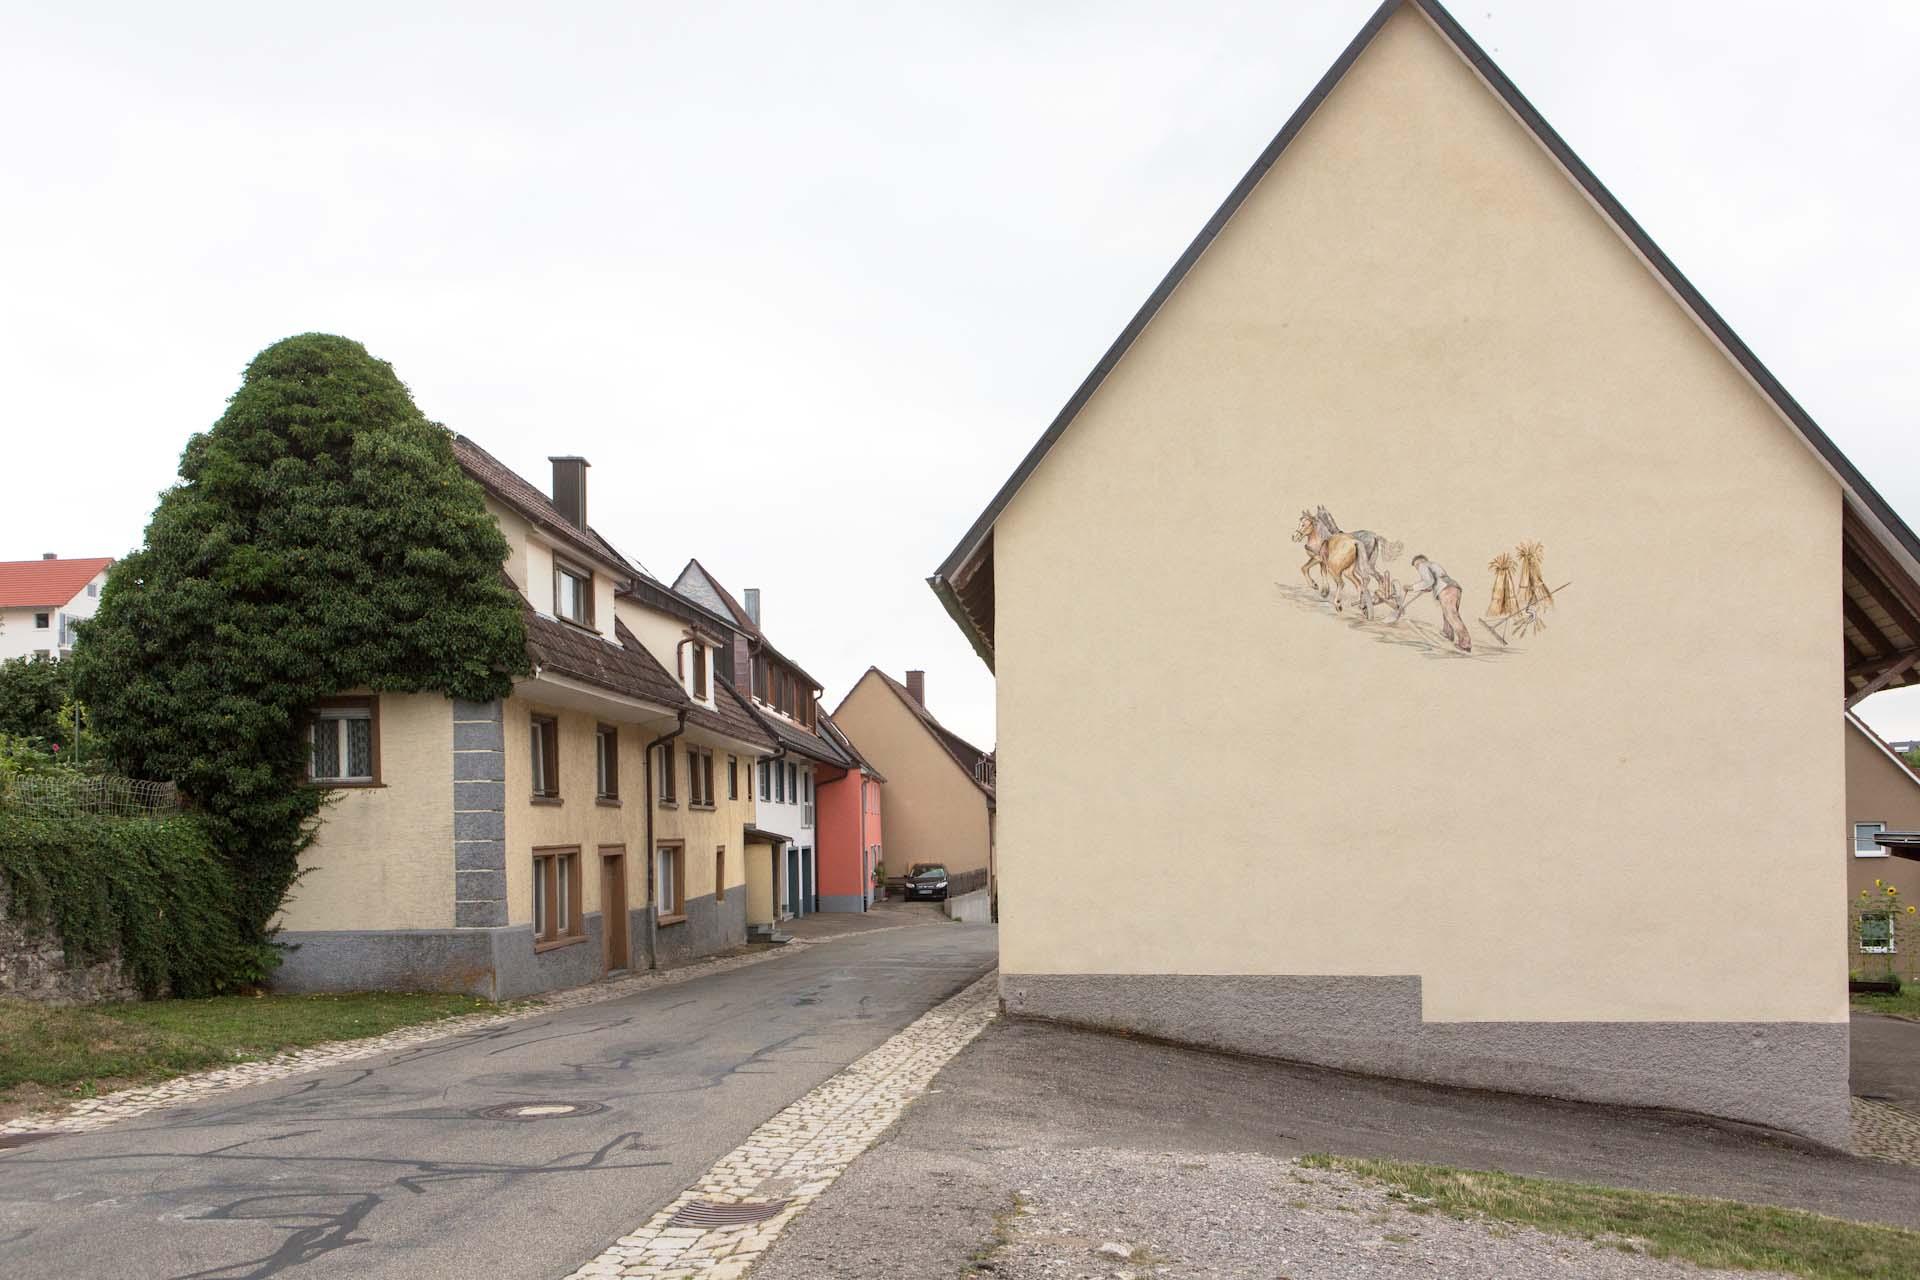 Der badische Wallfahrtsort Löffingen, ein mittelalterliches Marktstädtchen mit historischen Gebäuden rund um den Marktplatz, mit Bioladen und Windrädern, will weltoffen sein.